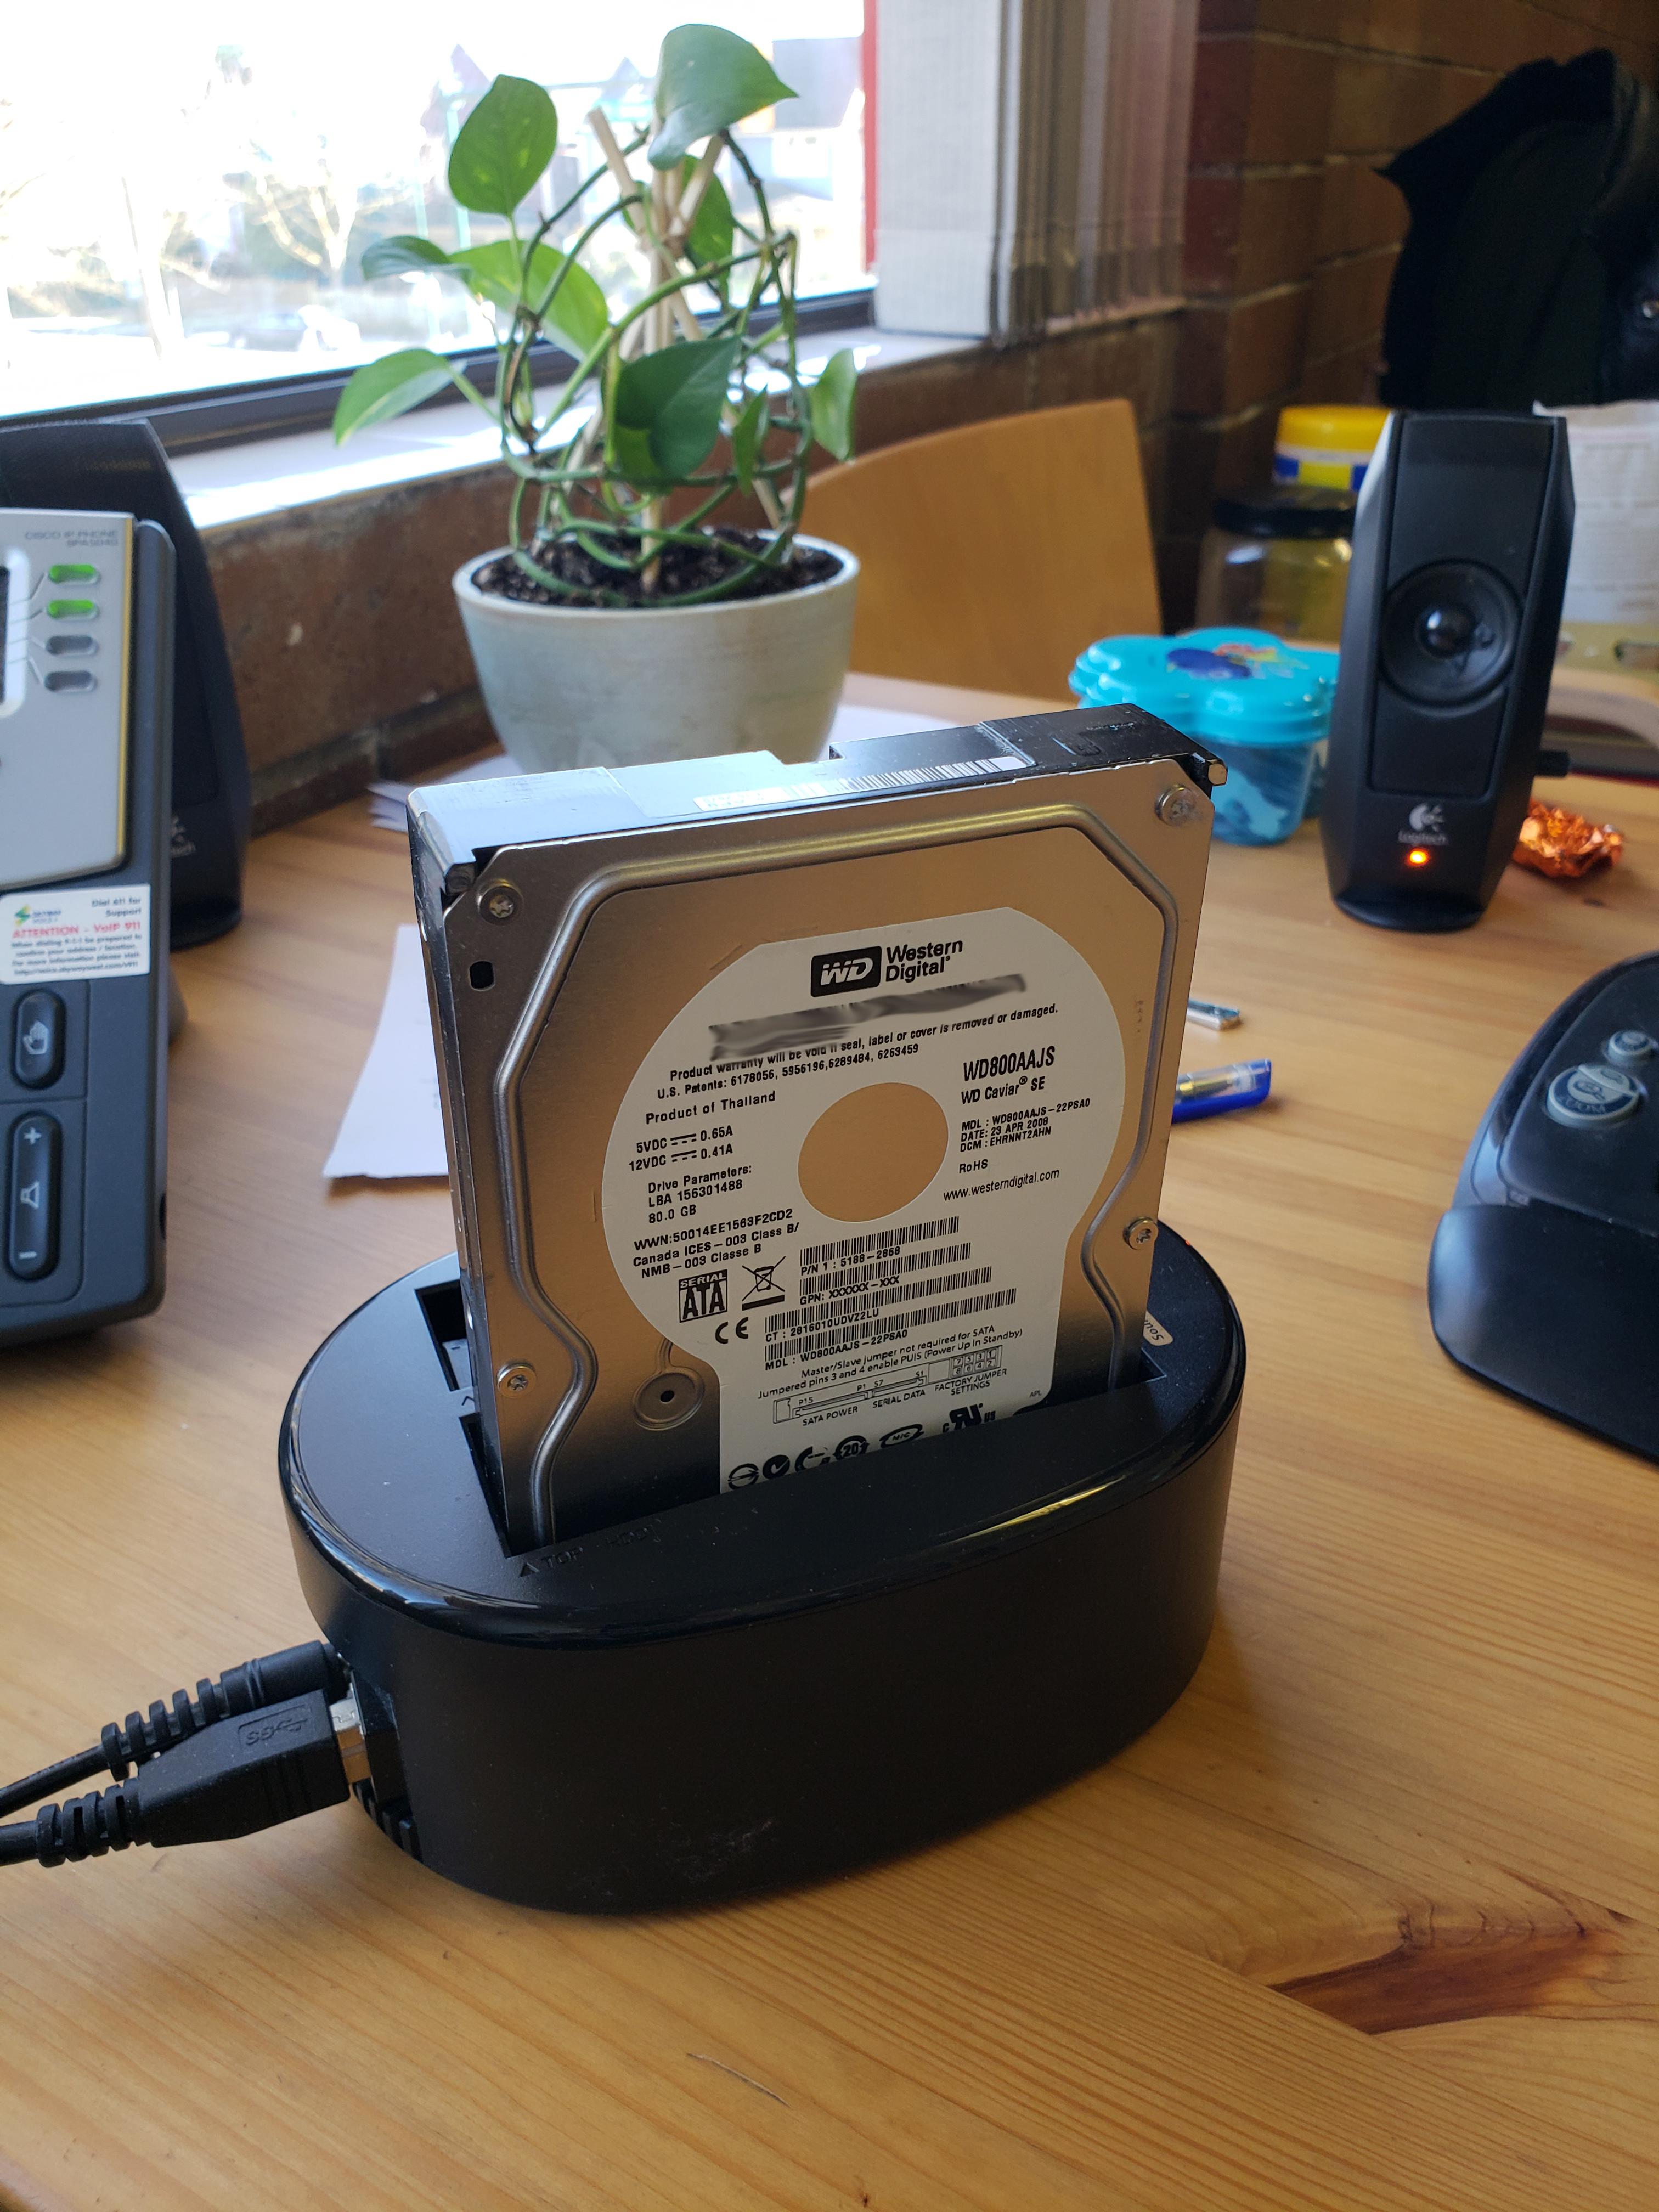 data back up using USB docking station